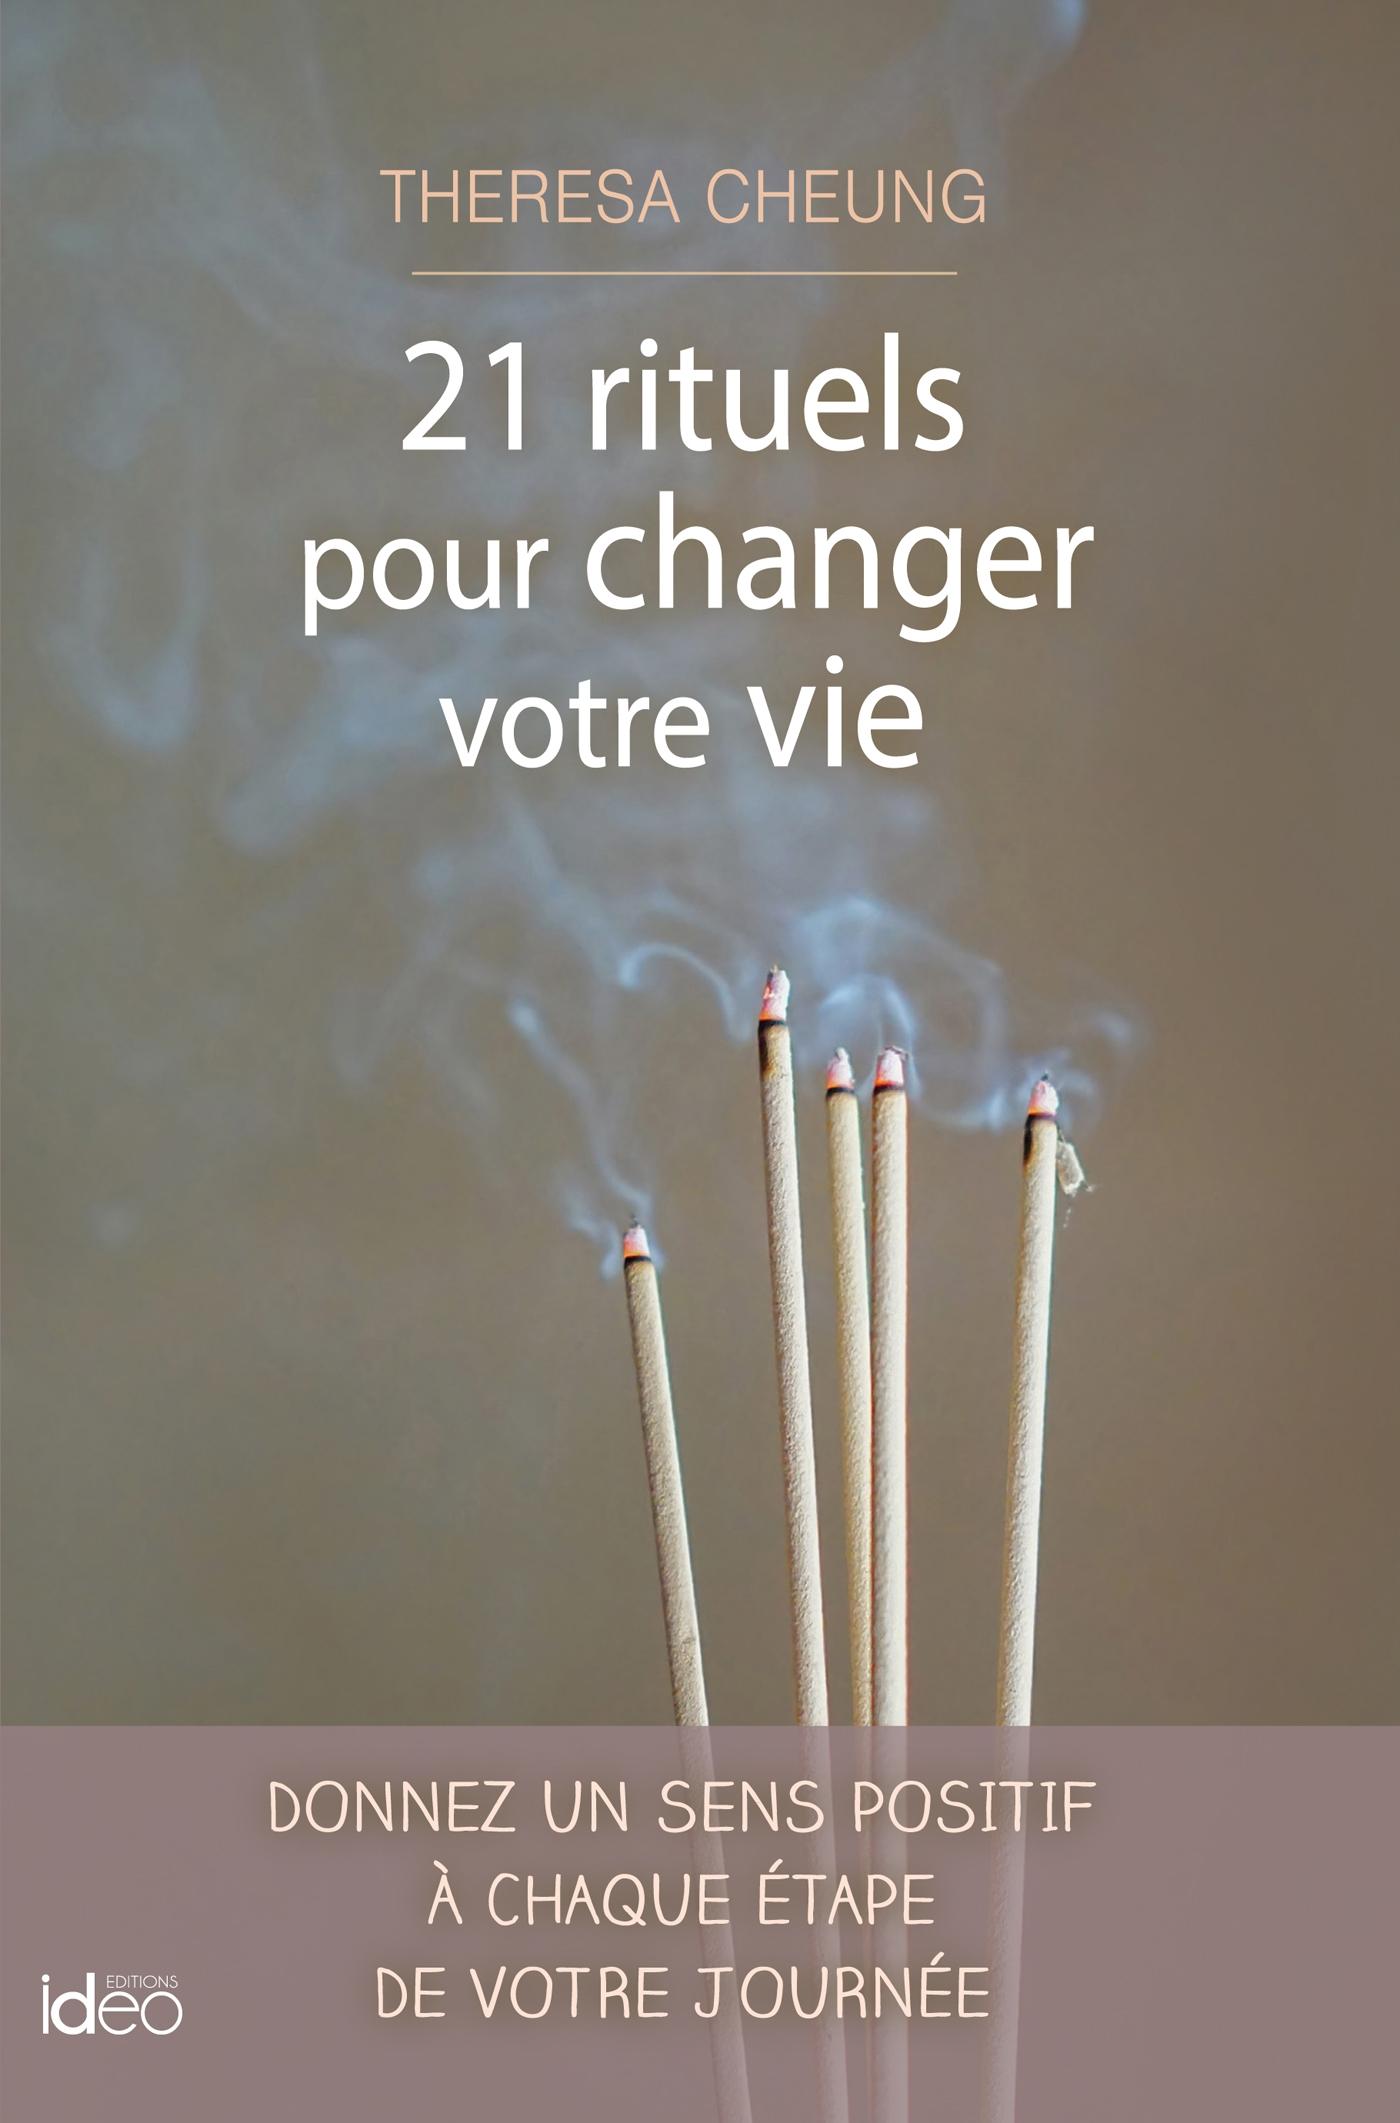 21 rituels pour changer votre vie